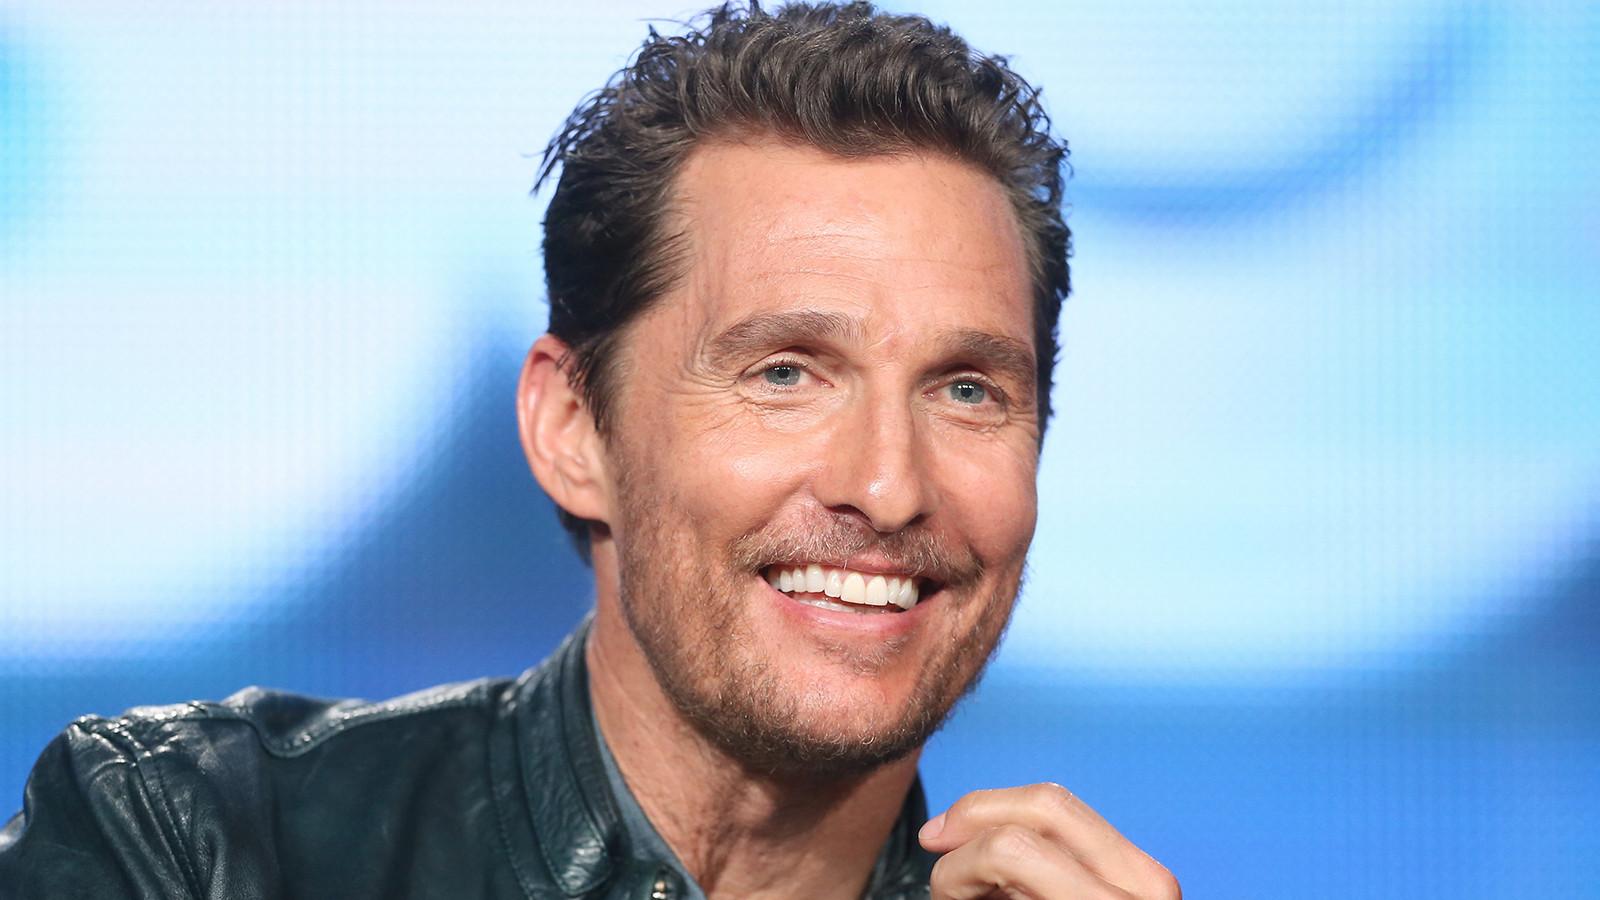 Nic Pizzolatto e Matthew McConaughey insieme per una nuova serie FX